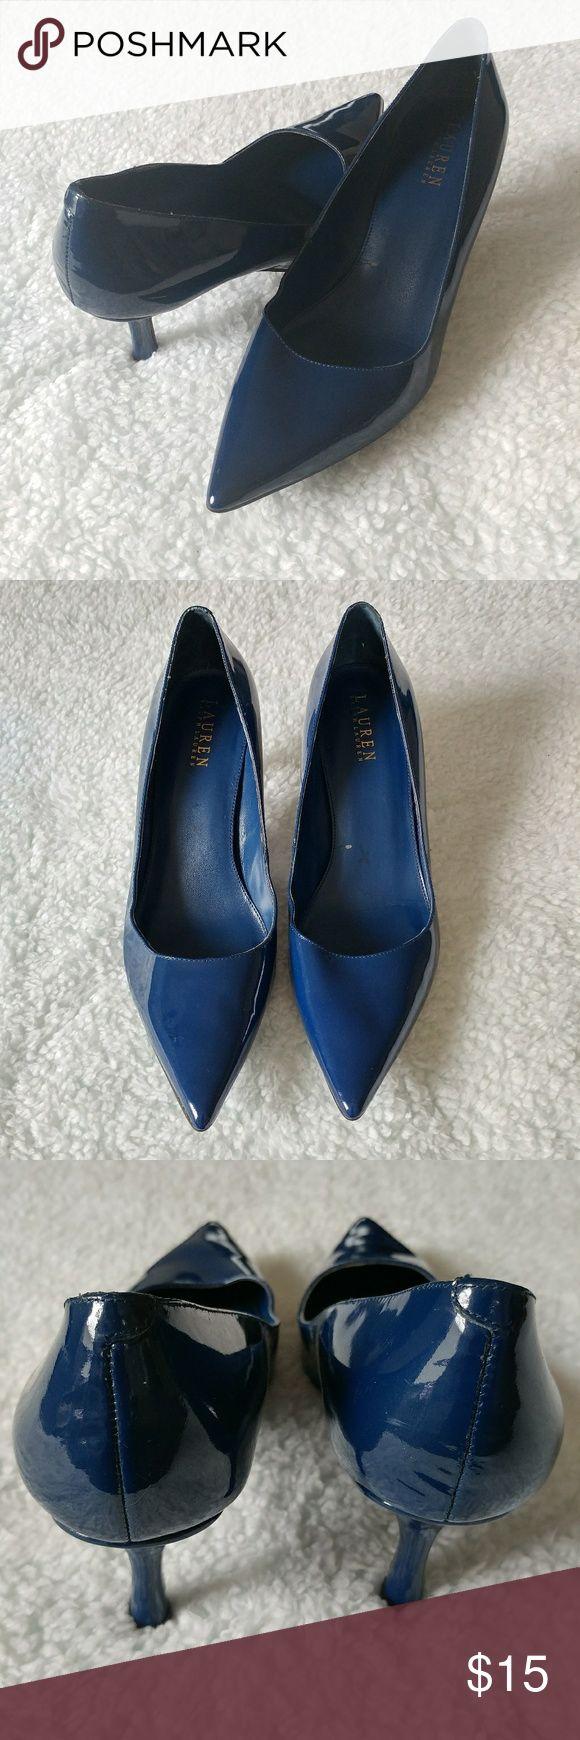 Lauren Ralph Lauren Blue Pointy Heels Lauren Ralph Lauren pointy heels. Has some scuff marks and some other imperfections - look at pictures for details Lauren Ralph Lauren Shoes Heels